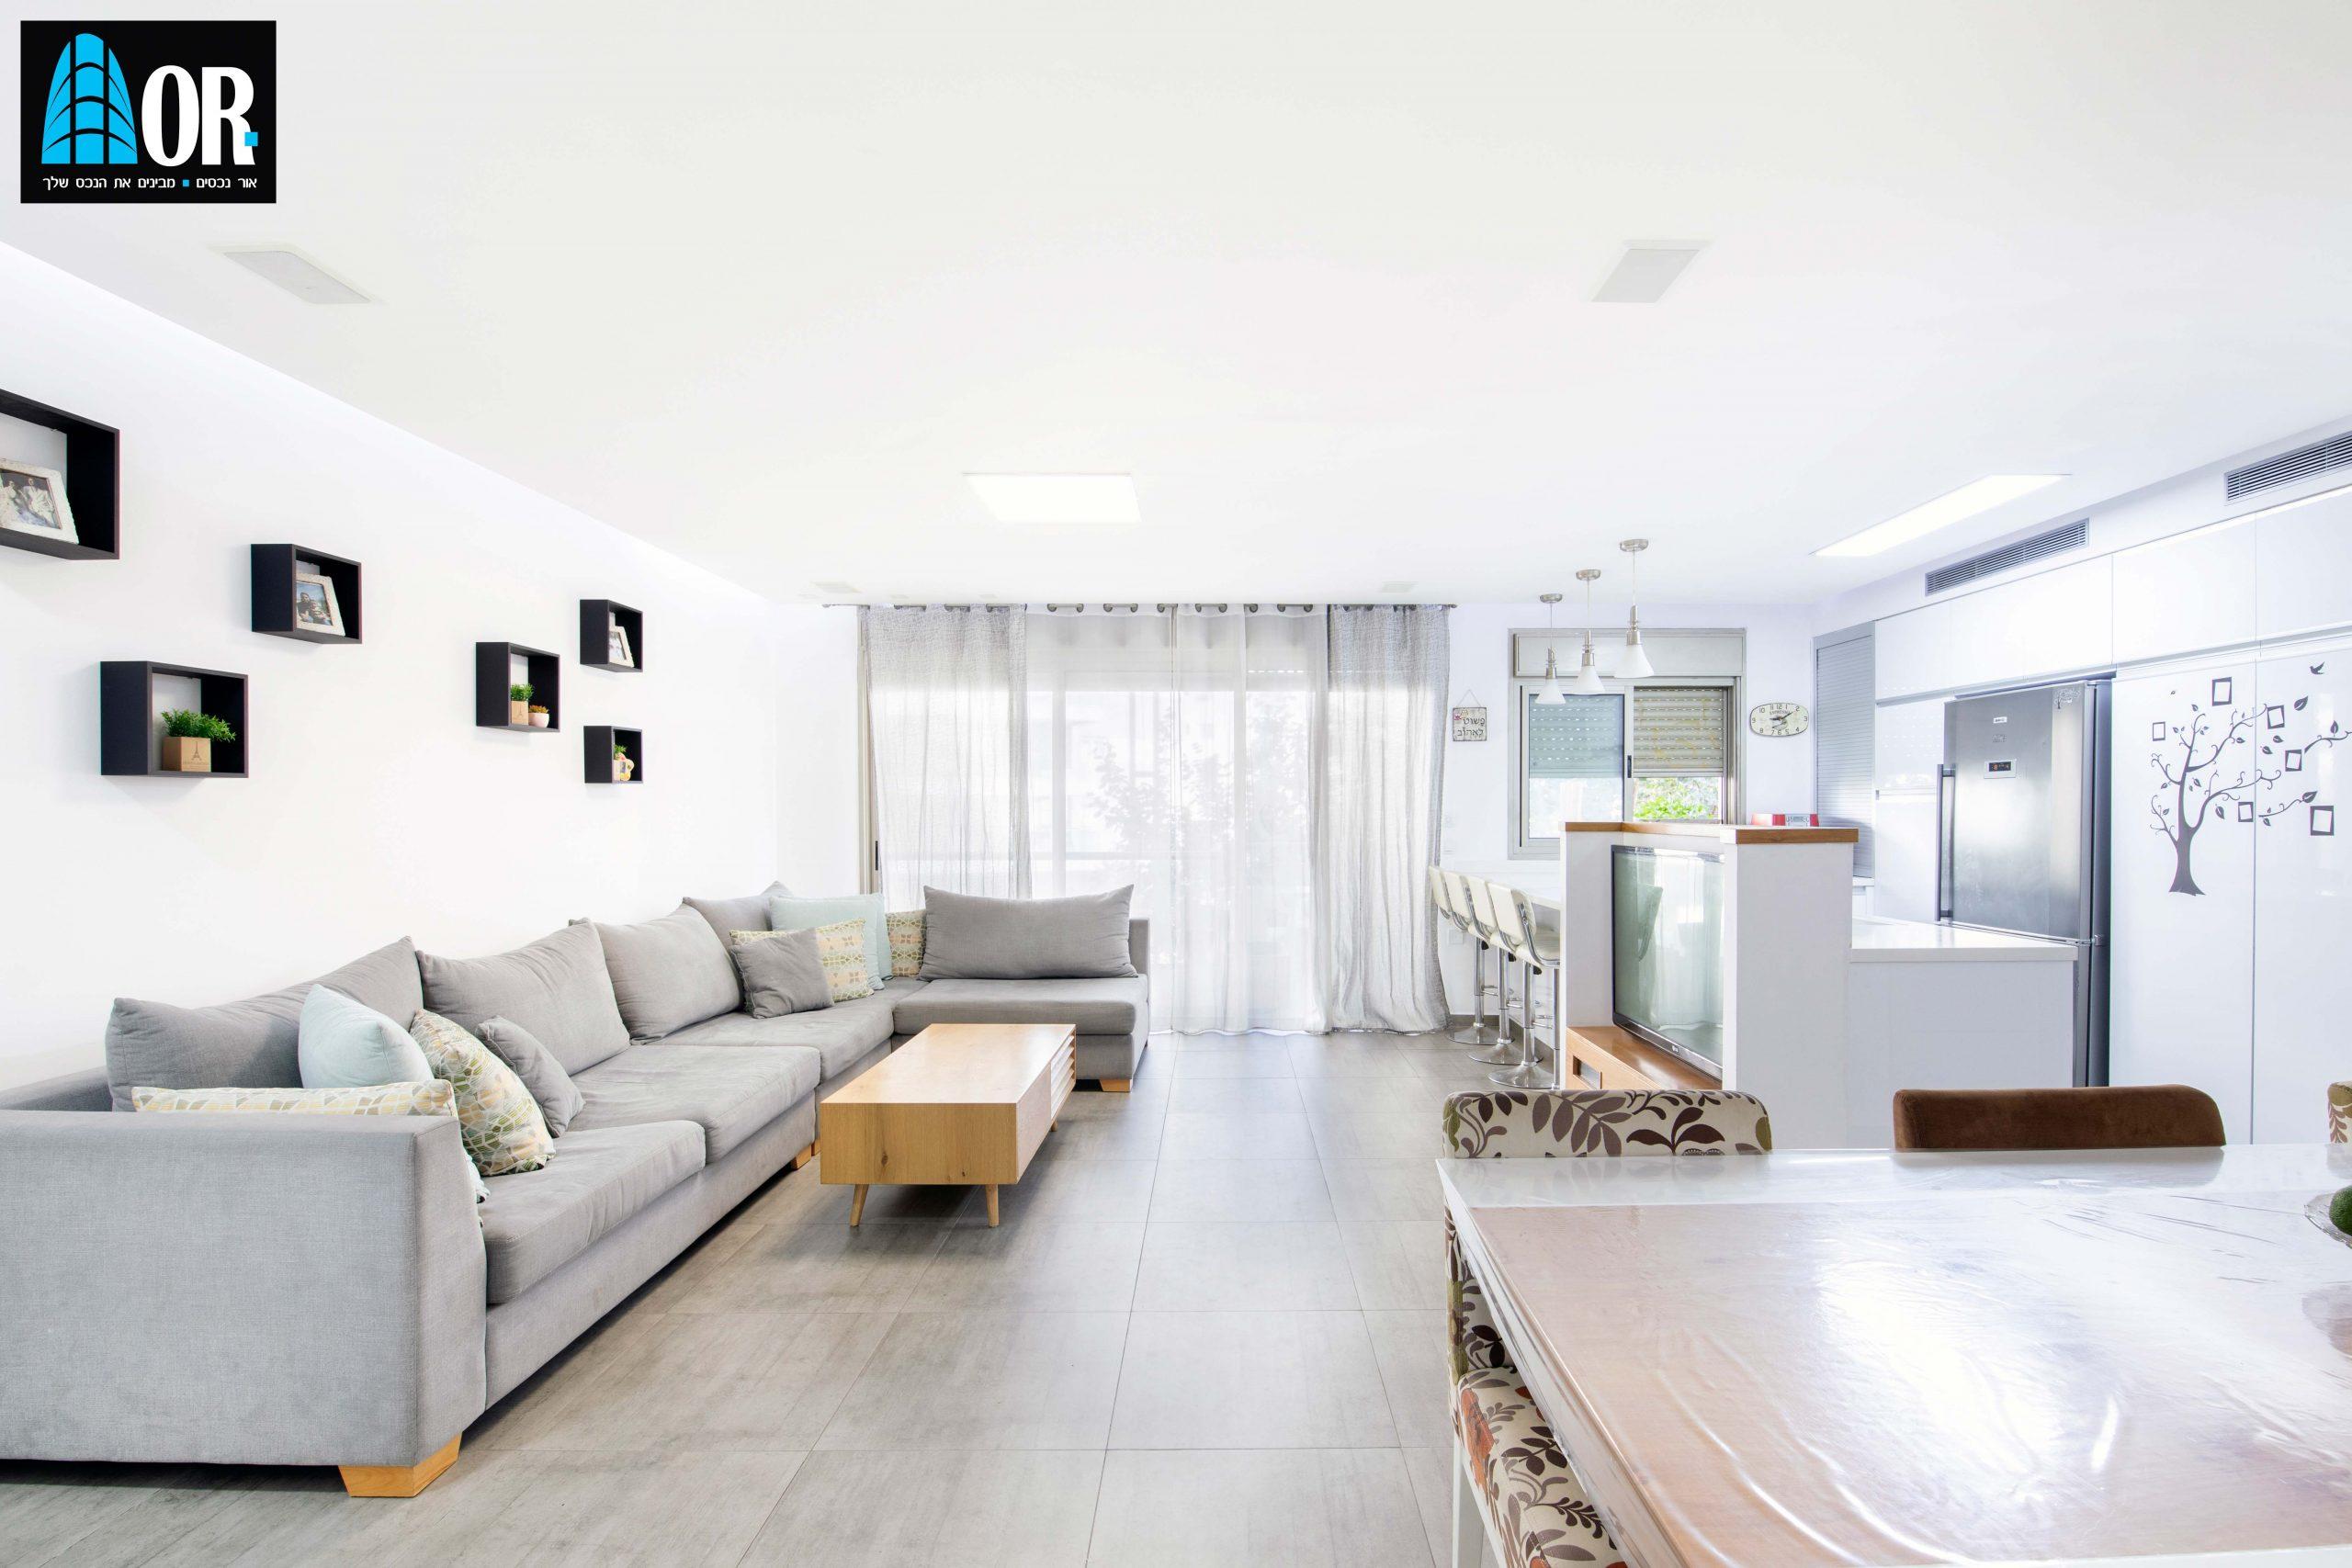 סלון דירה 5 חדרים שכונה תלמי מנשה